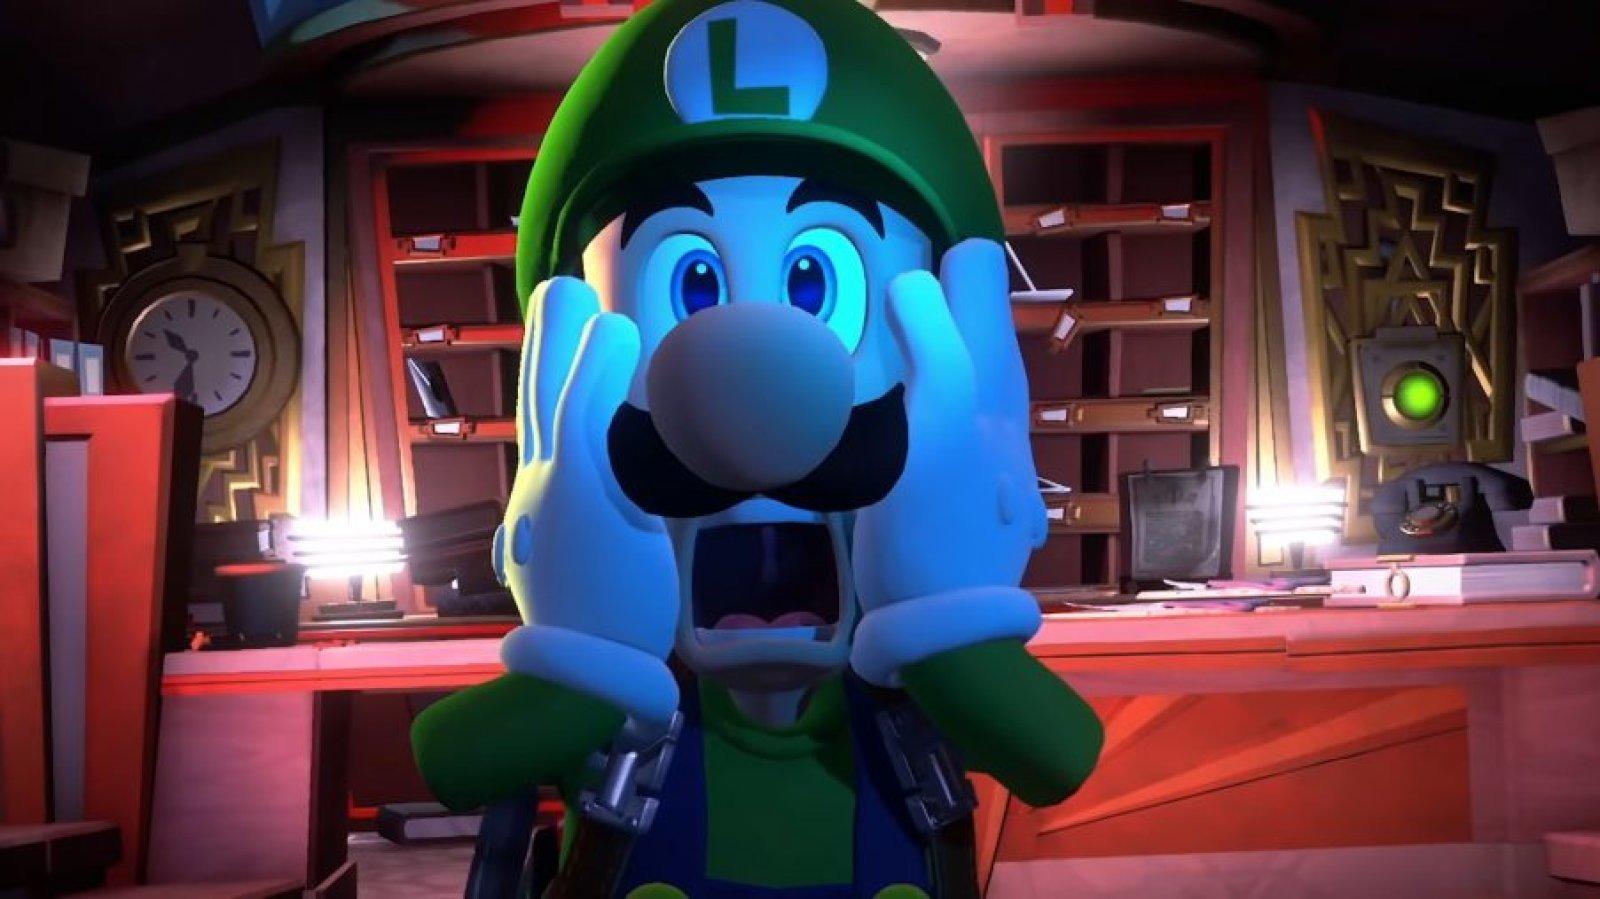 Luigi's Mansion 3 guides